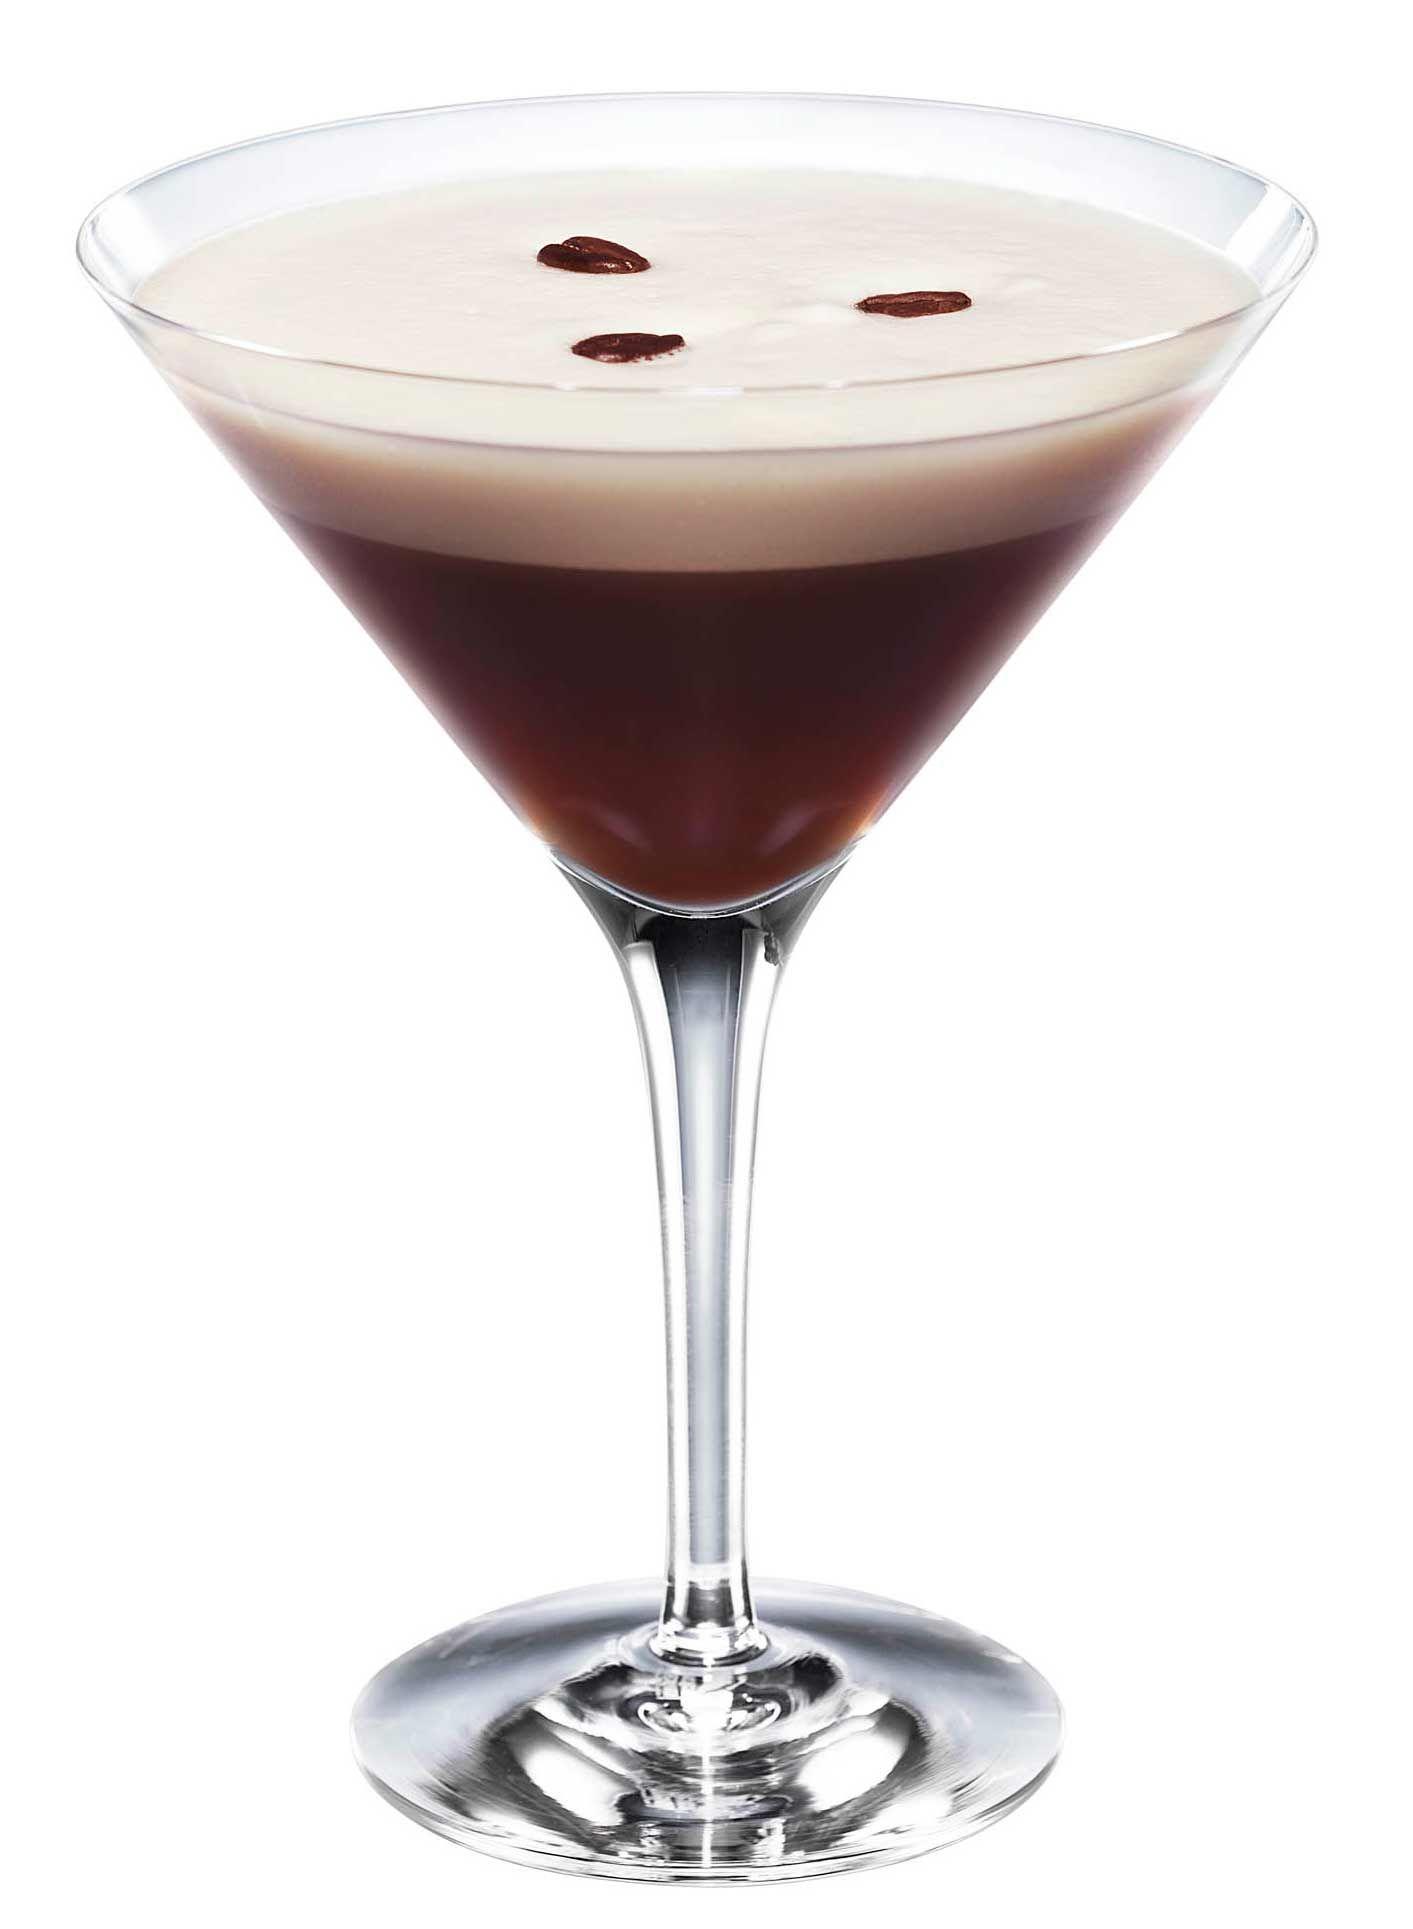 A delicious recipe for Espresso Martini, with espresso